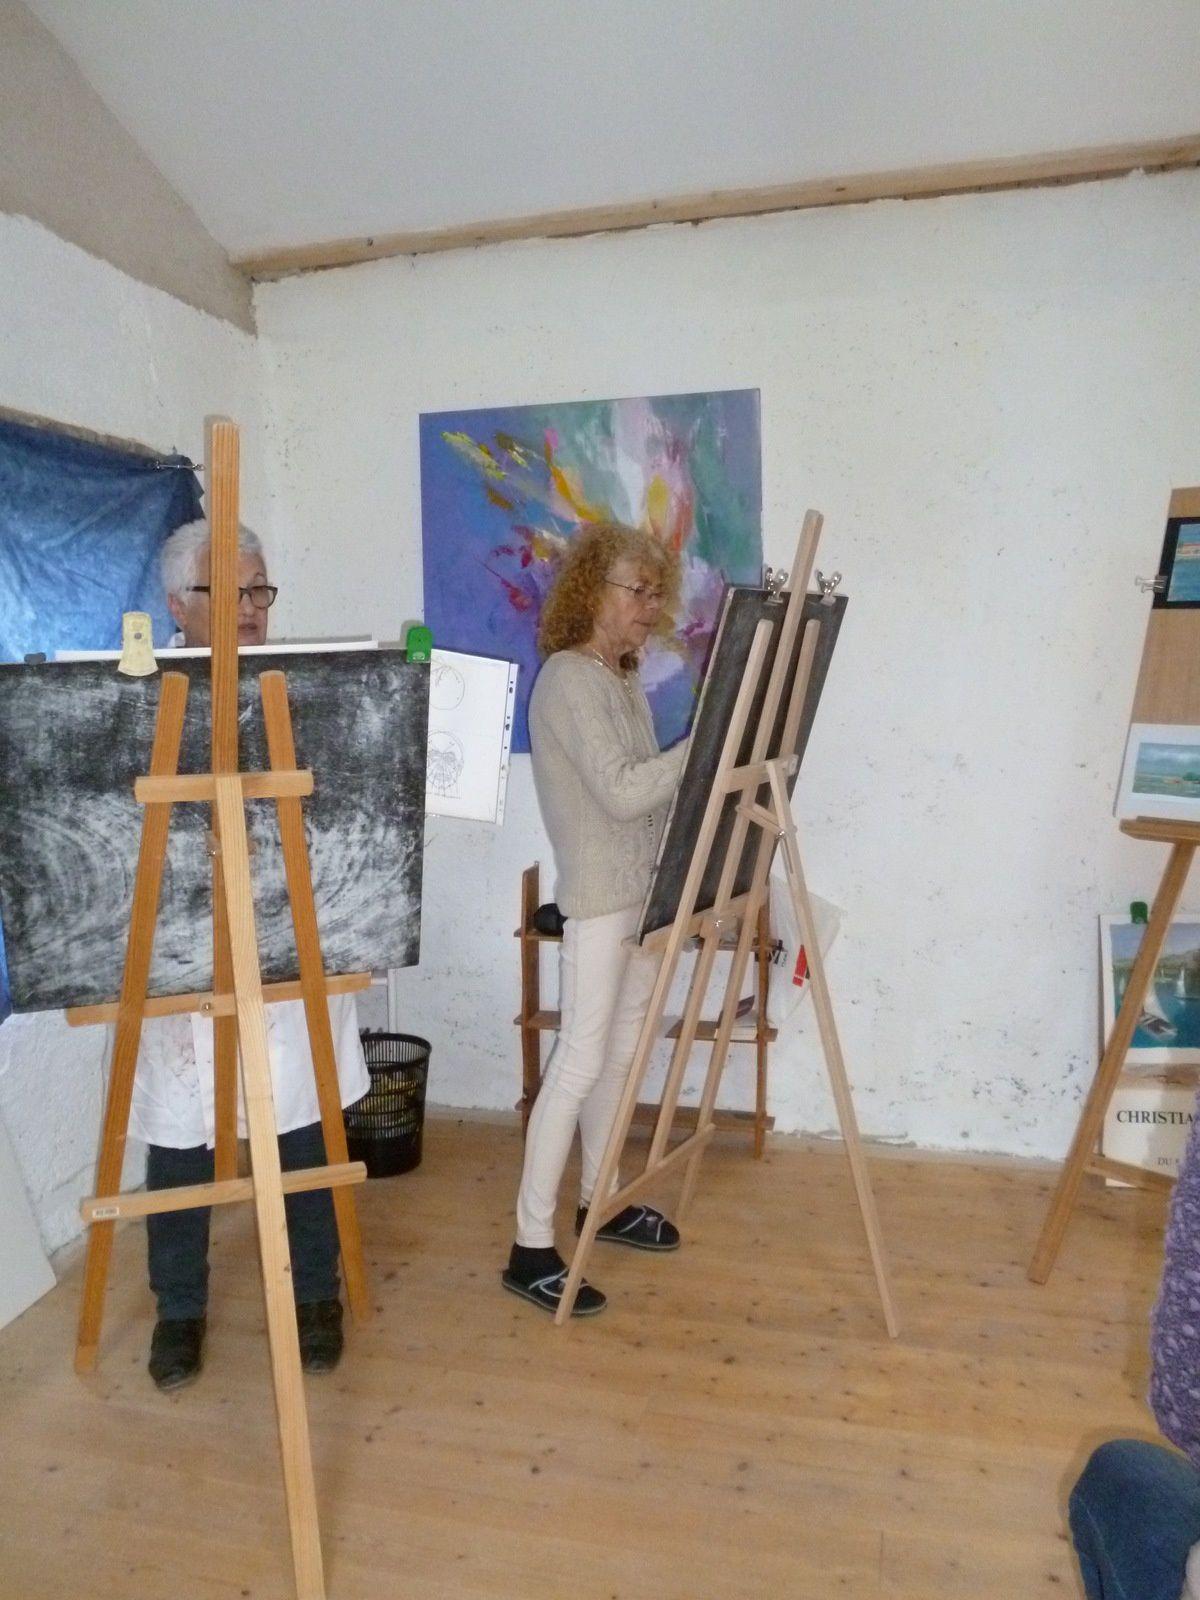 l'atelier se déplace aussi pour des séances de croquisL'atelier est sur 2 niveaux : une grande pièce à l'étage, une remise et une pièce d'accueil en RDC,